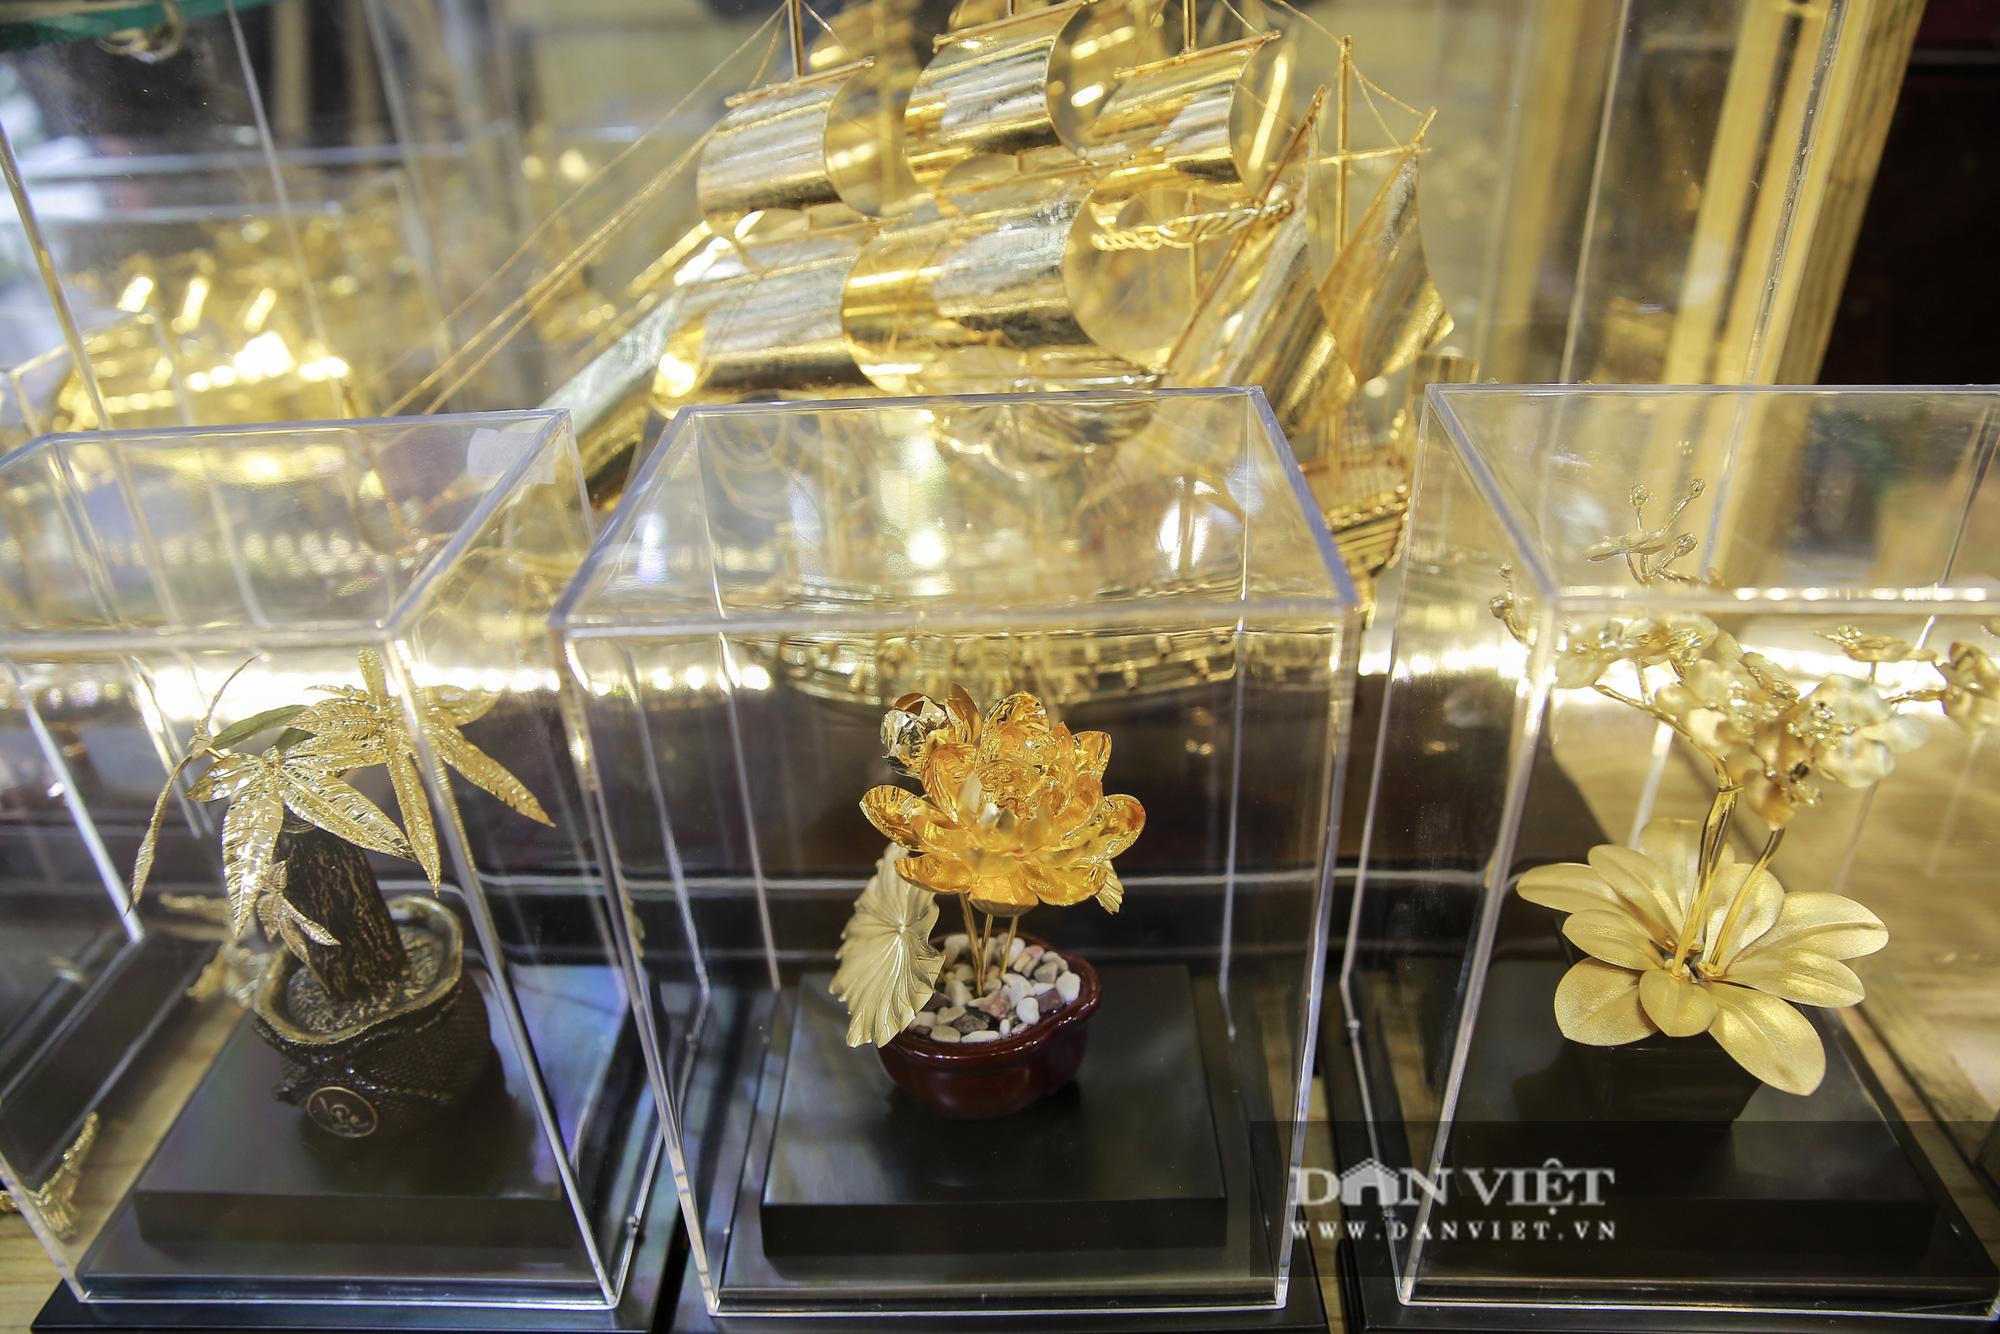 Thị trường quà tặng 8/3: Hoa, tranh, khuy cài áo mạ vàng cực đắt lên ngôi - Ảnh 8.